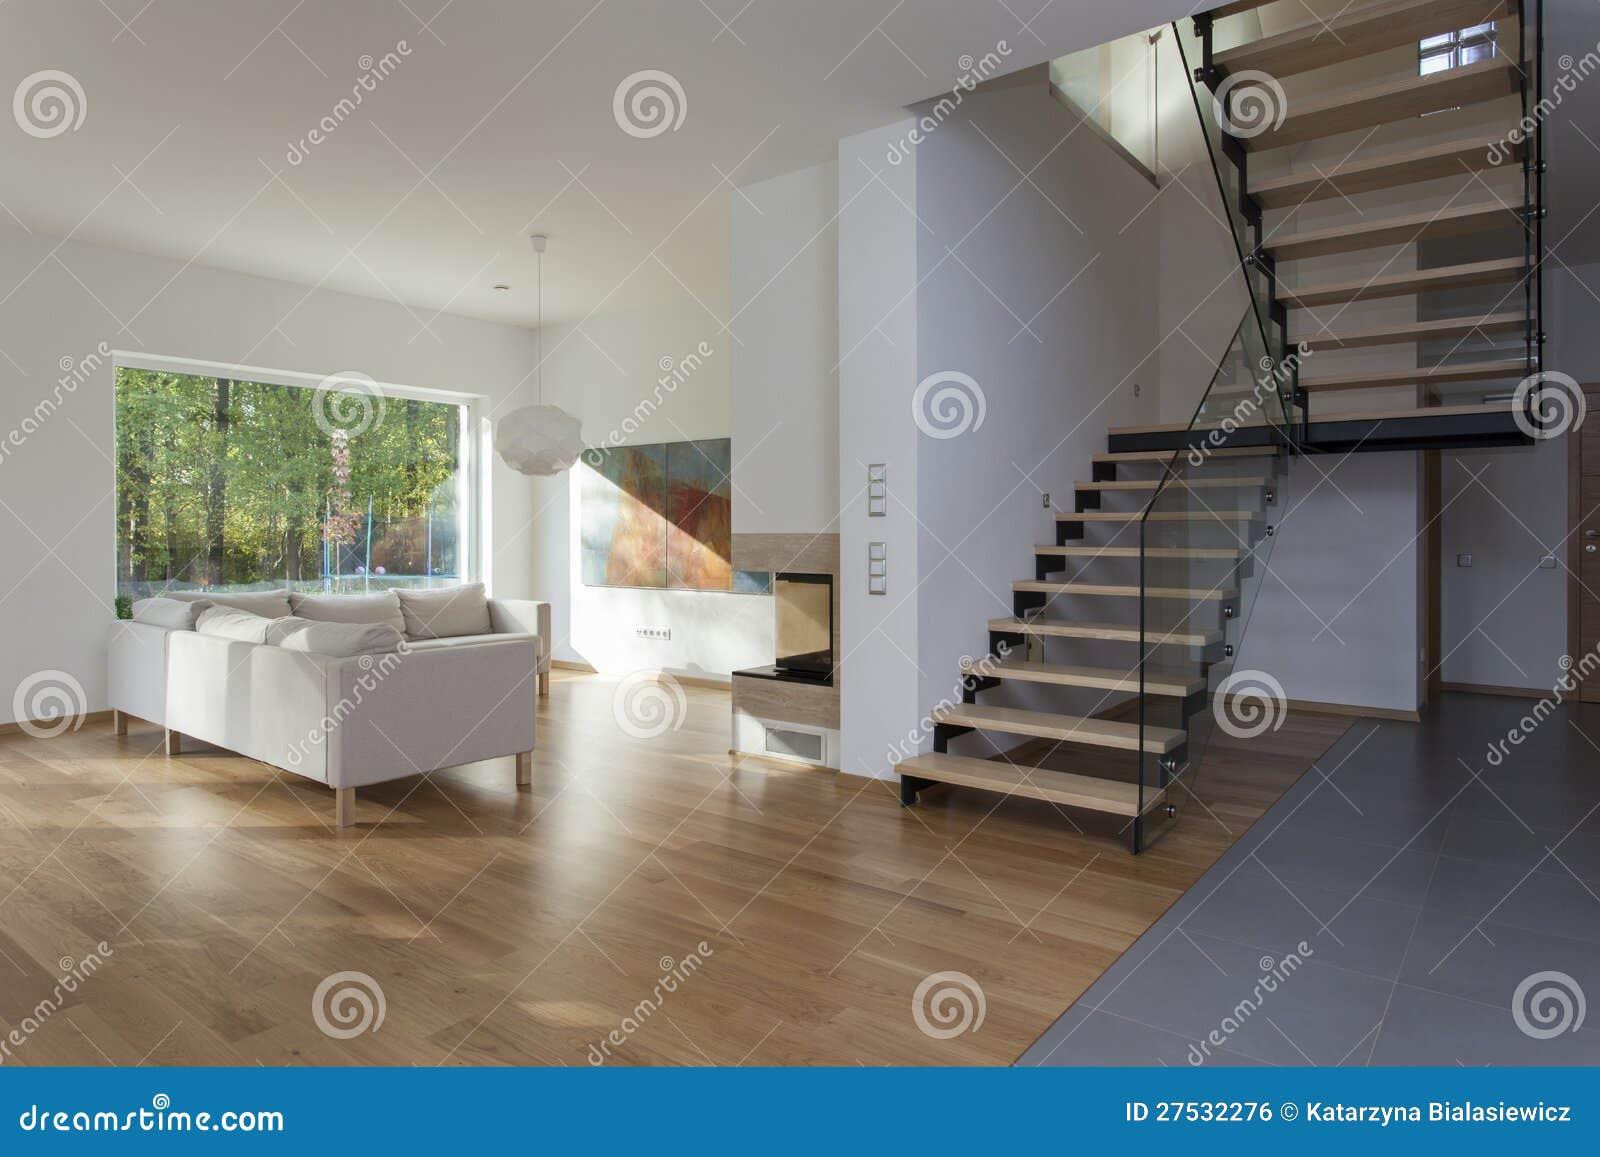 Vardagsrum trappa royaltyfri bild   bild: 27532276